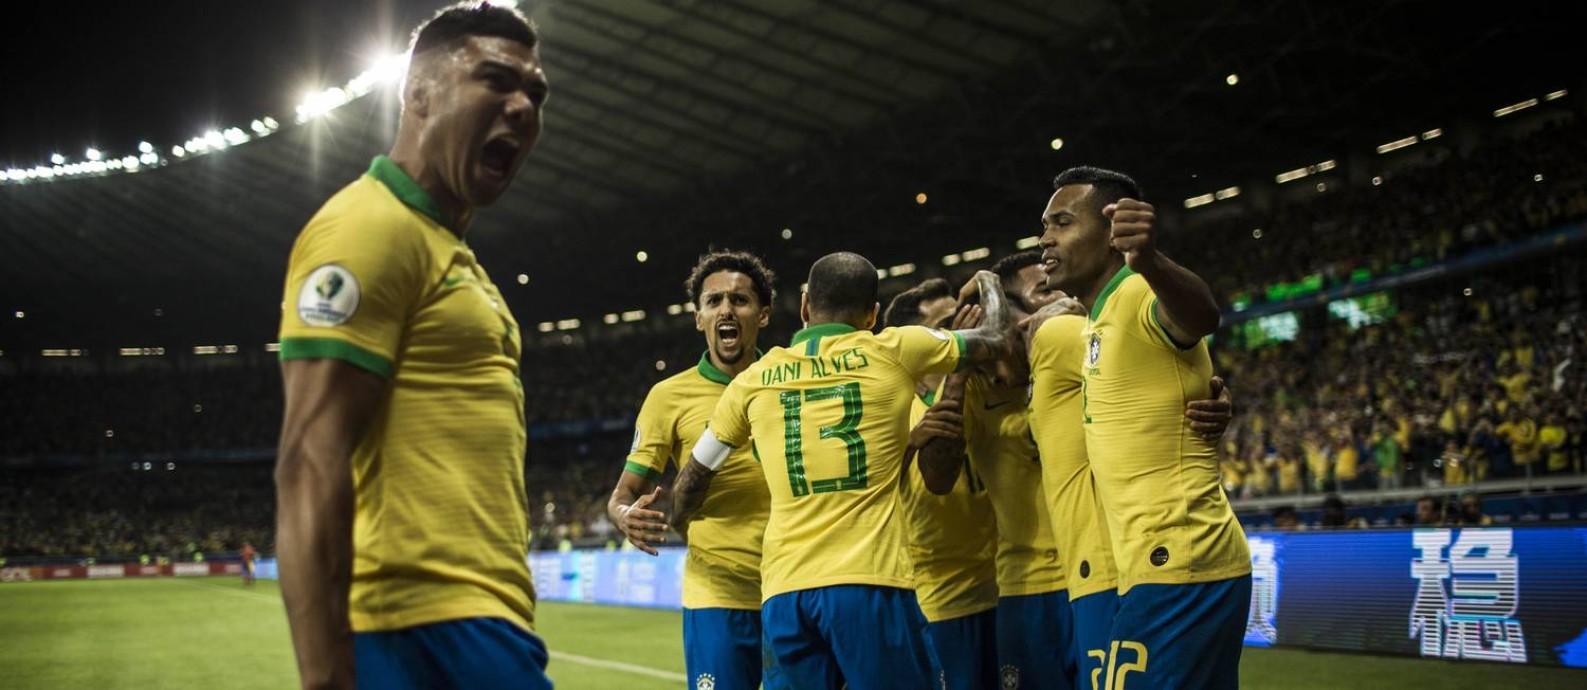 Jogadores da seleção comemoram o primeiro gol sobre a Argentina no Mineirão Foto: Guito Moreto / Agência O Globo